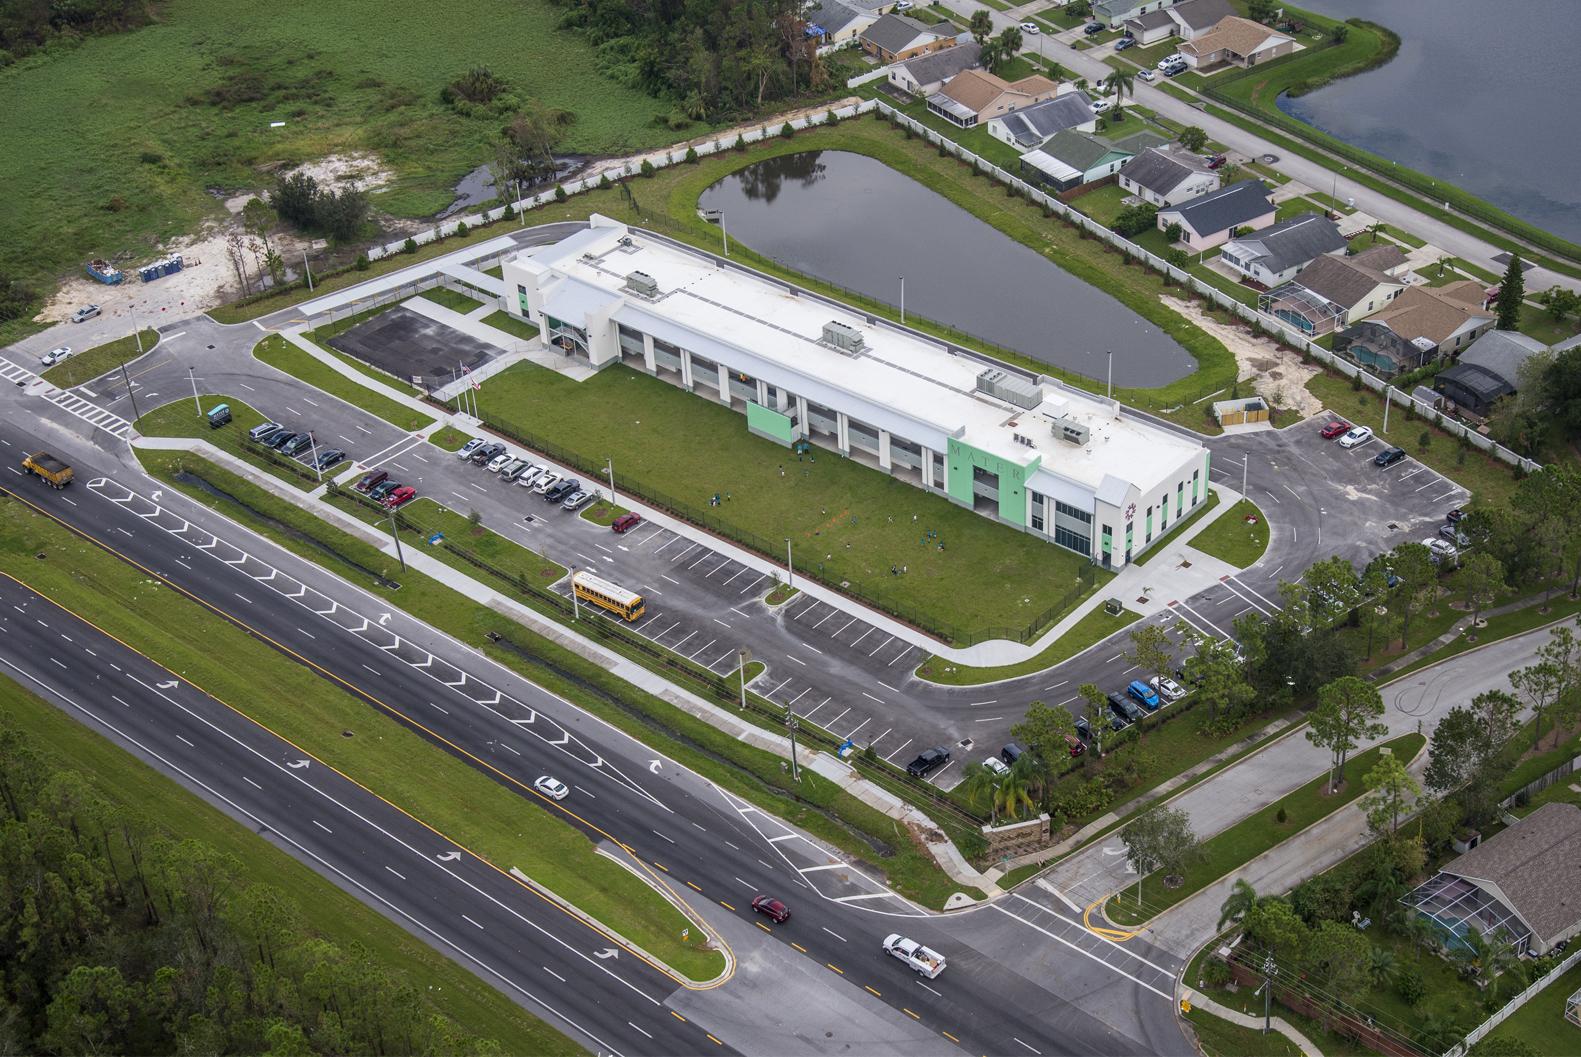 Điểm Mạnh Của Dự Án Trường Bán Công Charter School Tại Florida – Dự án 35 – Mater Palms Academy